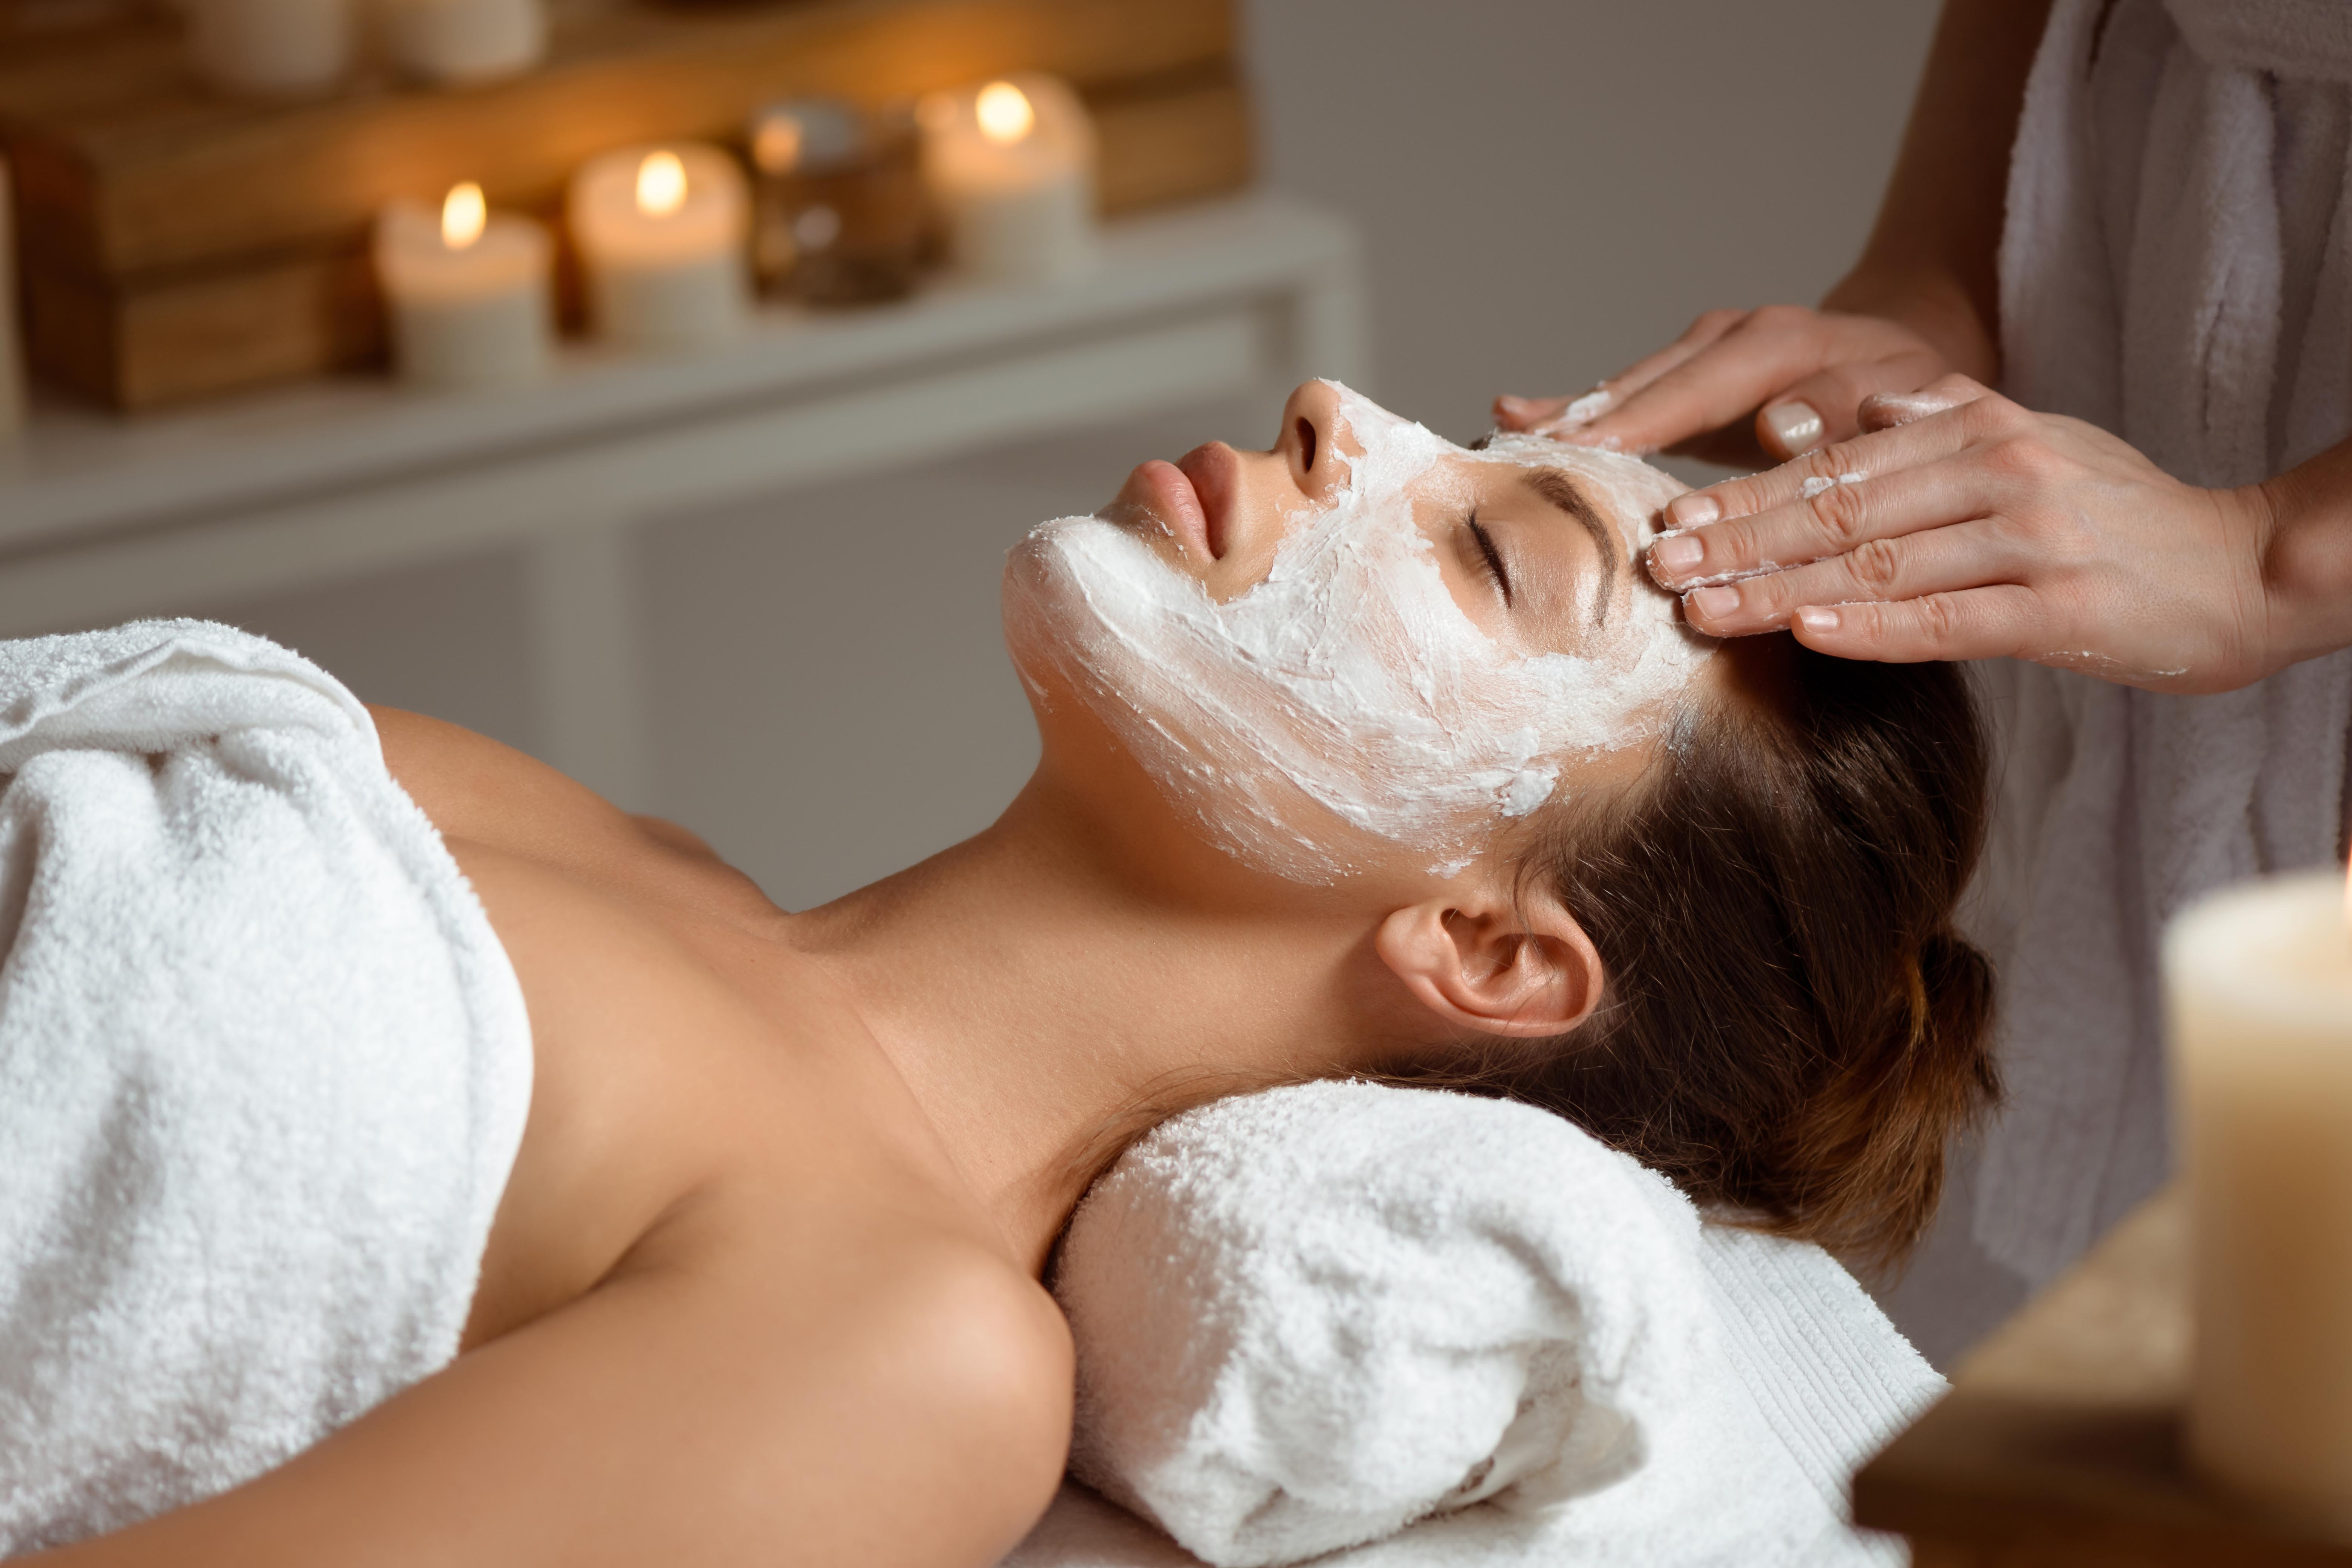 Гоммаж для лица — что это такое, плюсы этой методики очищения кожи и мнения опробовавших